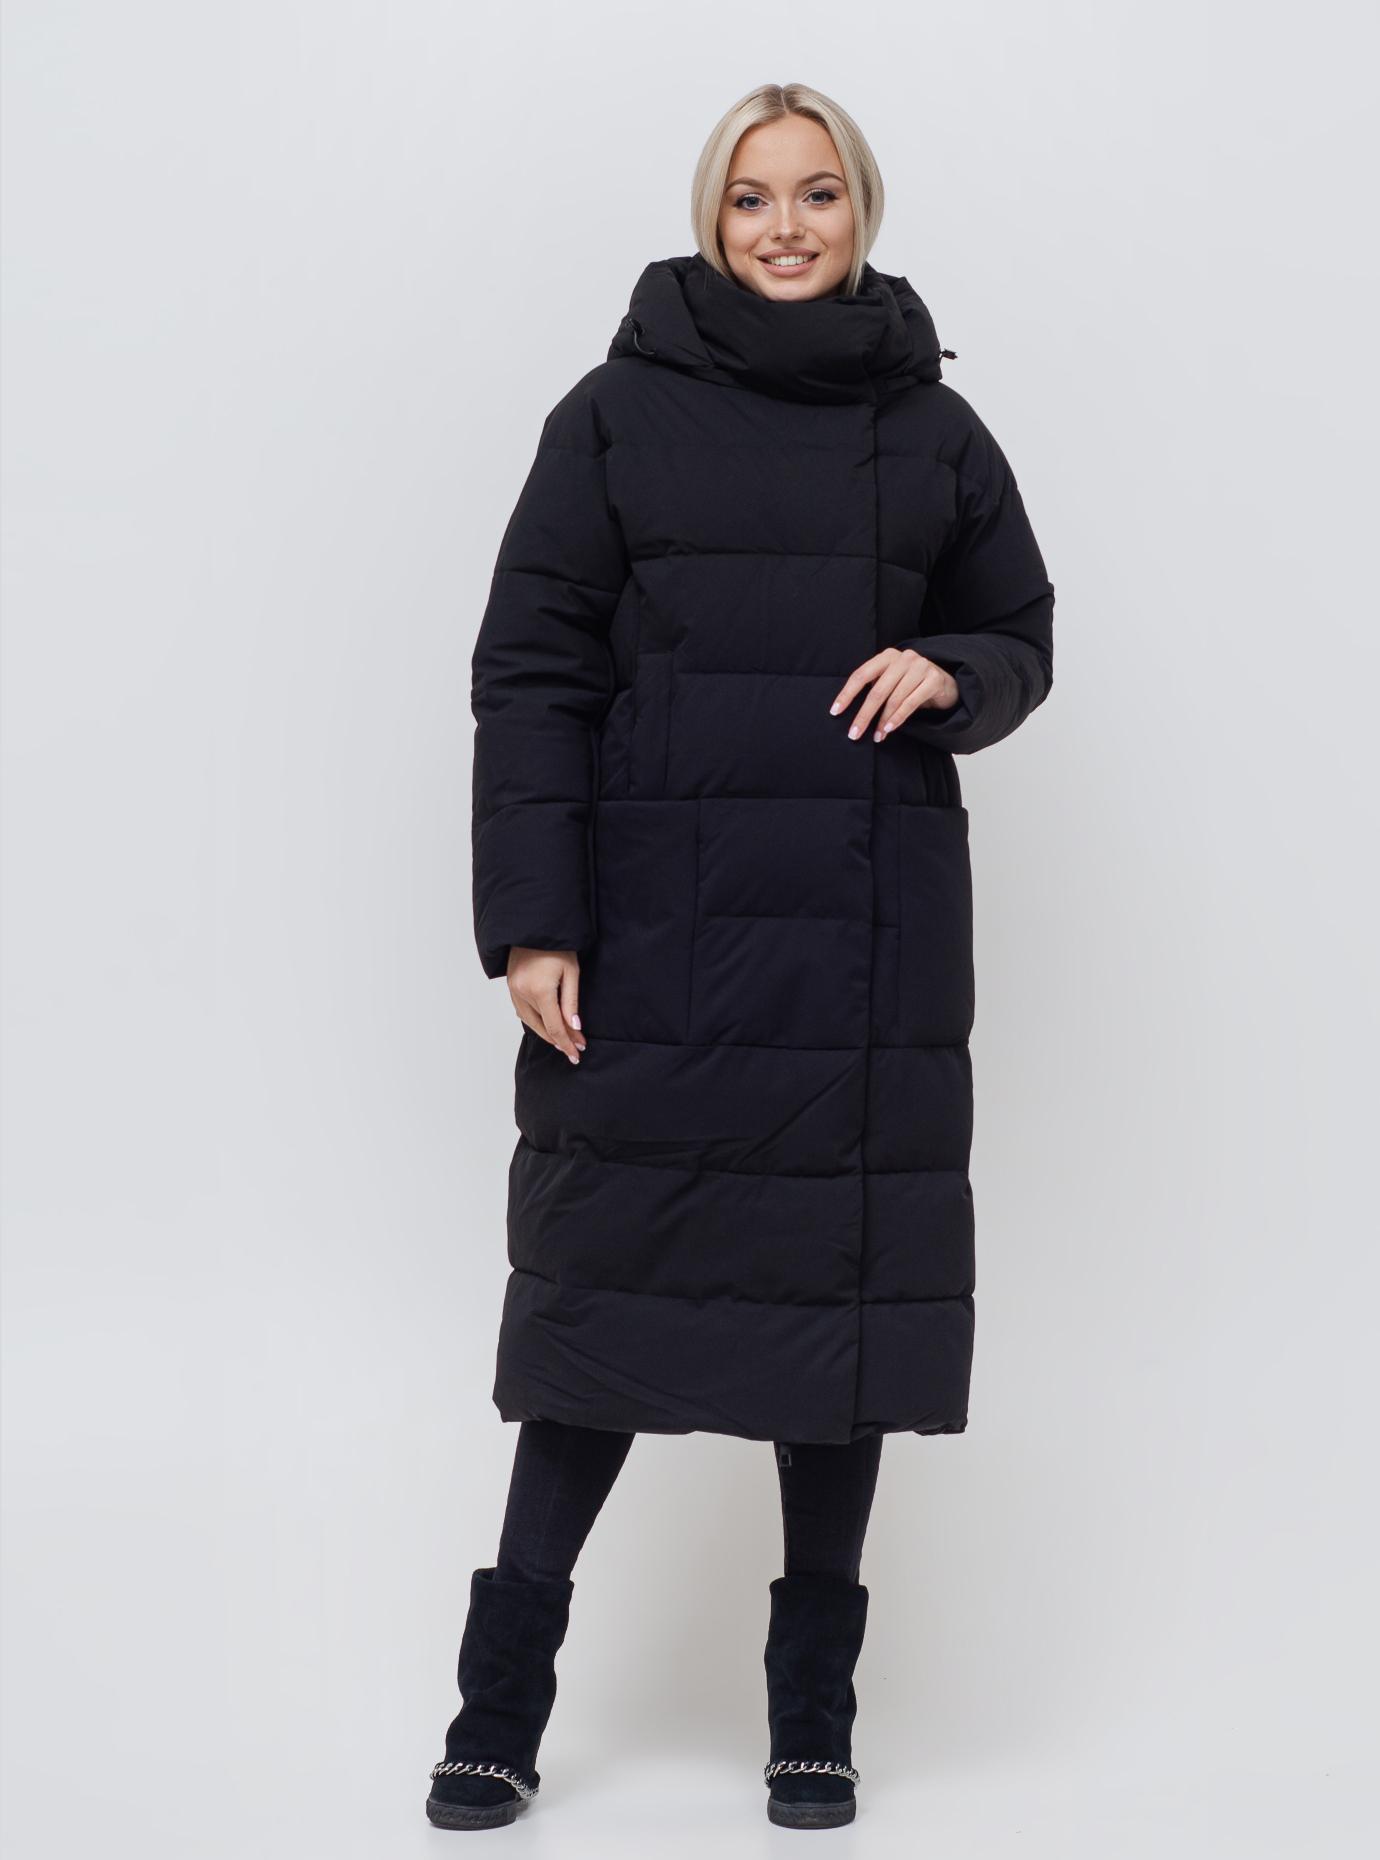 Женская куртка со съемным капюшоном Чёрный S (06-KL201177): фото - Alster.ua